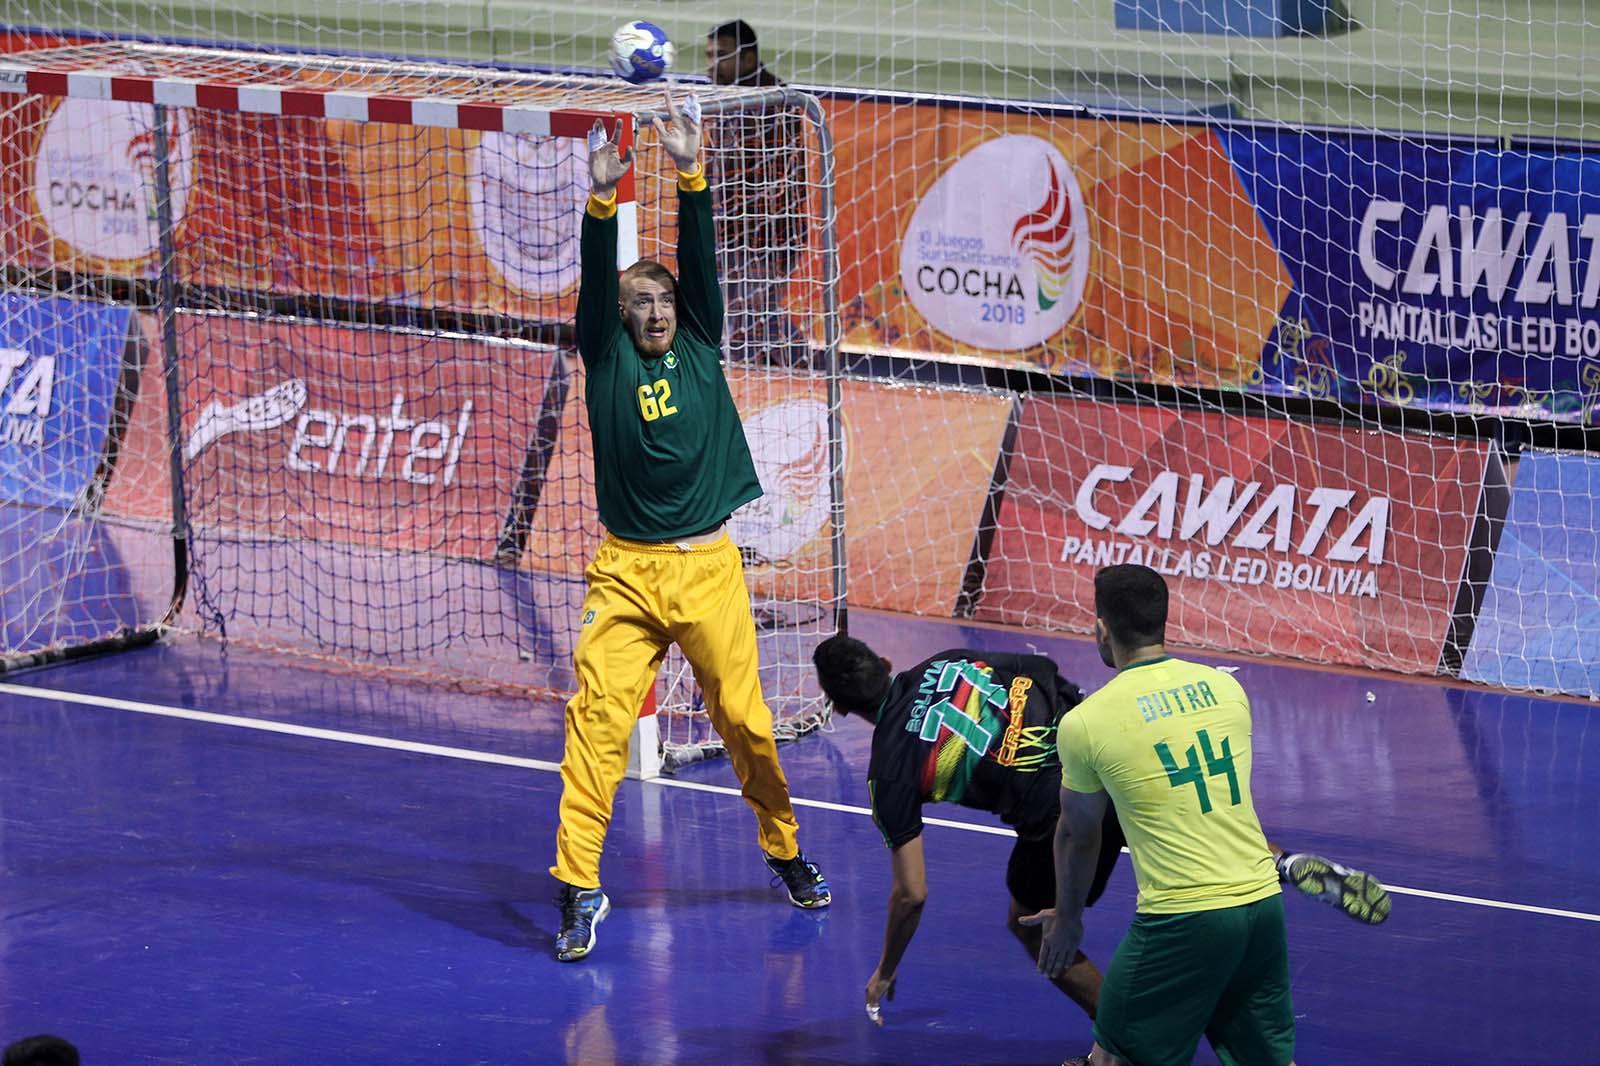 Jogos Sul-Americanos 2018  *foto divulgação evento